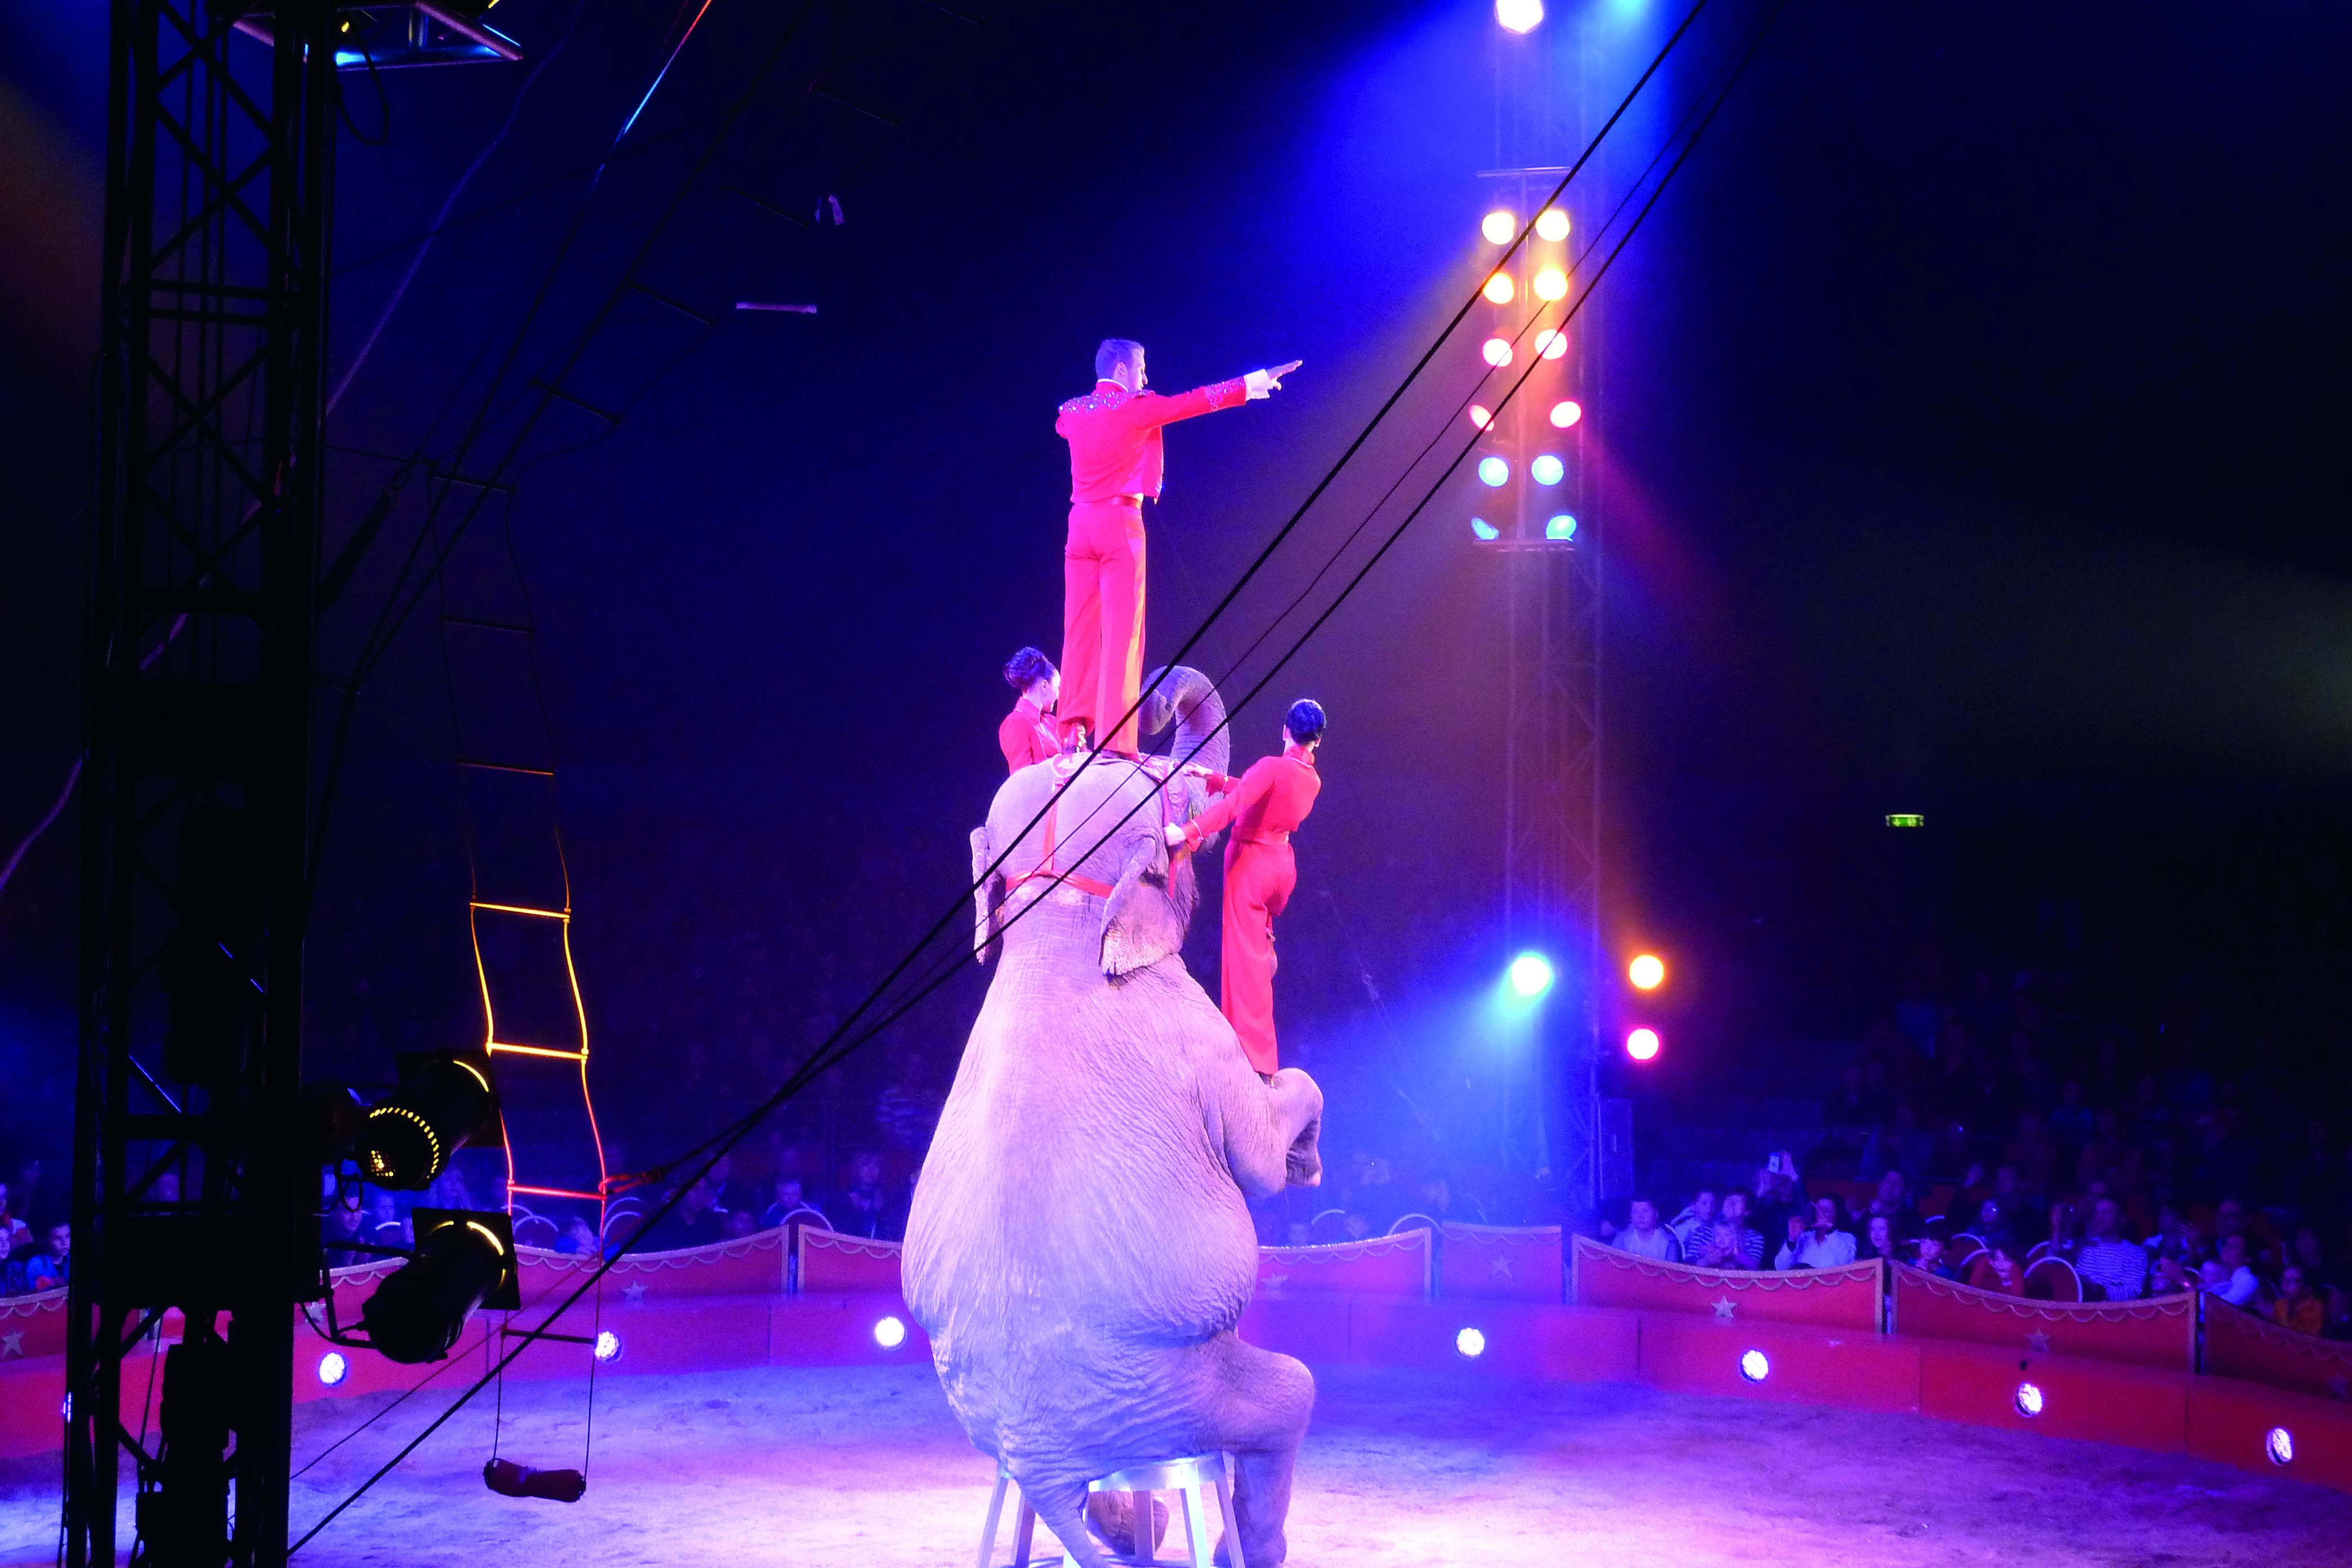 Elefant im Zirkus Knie